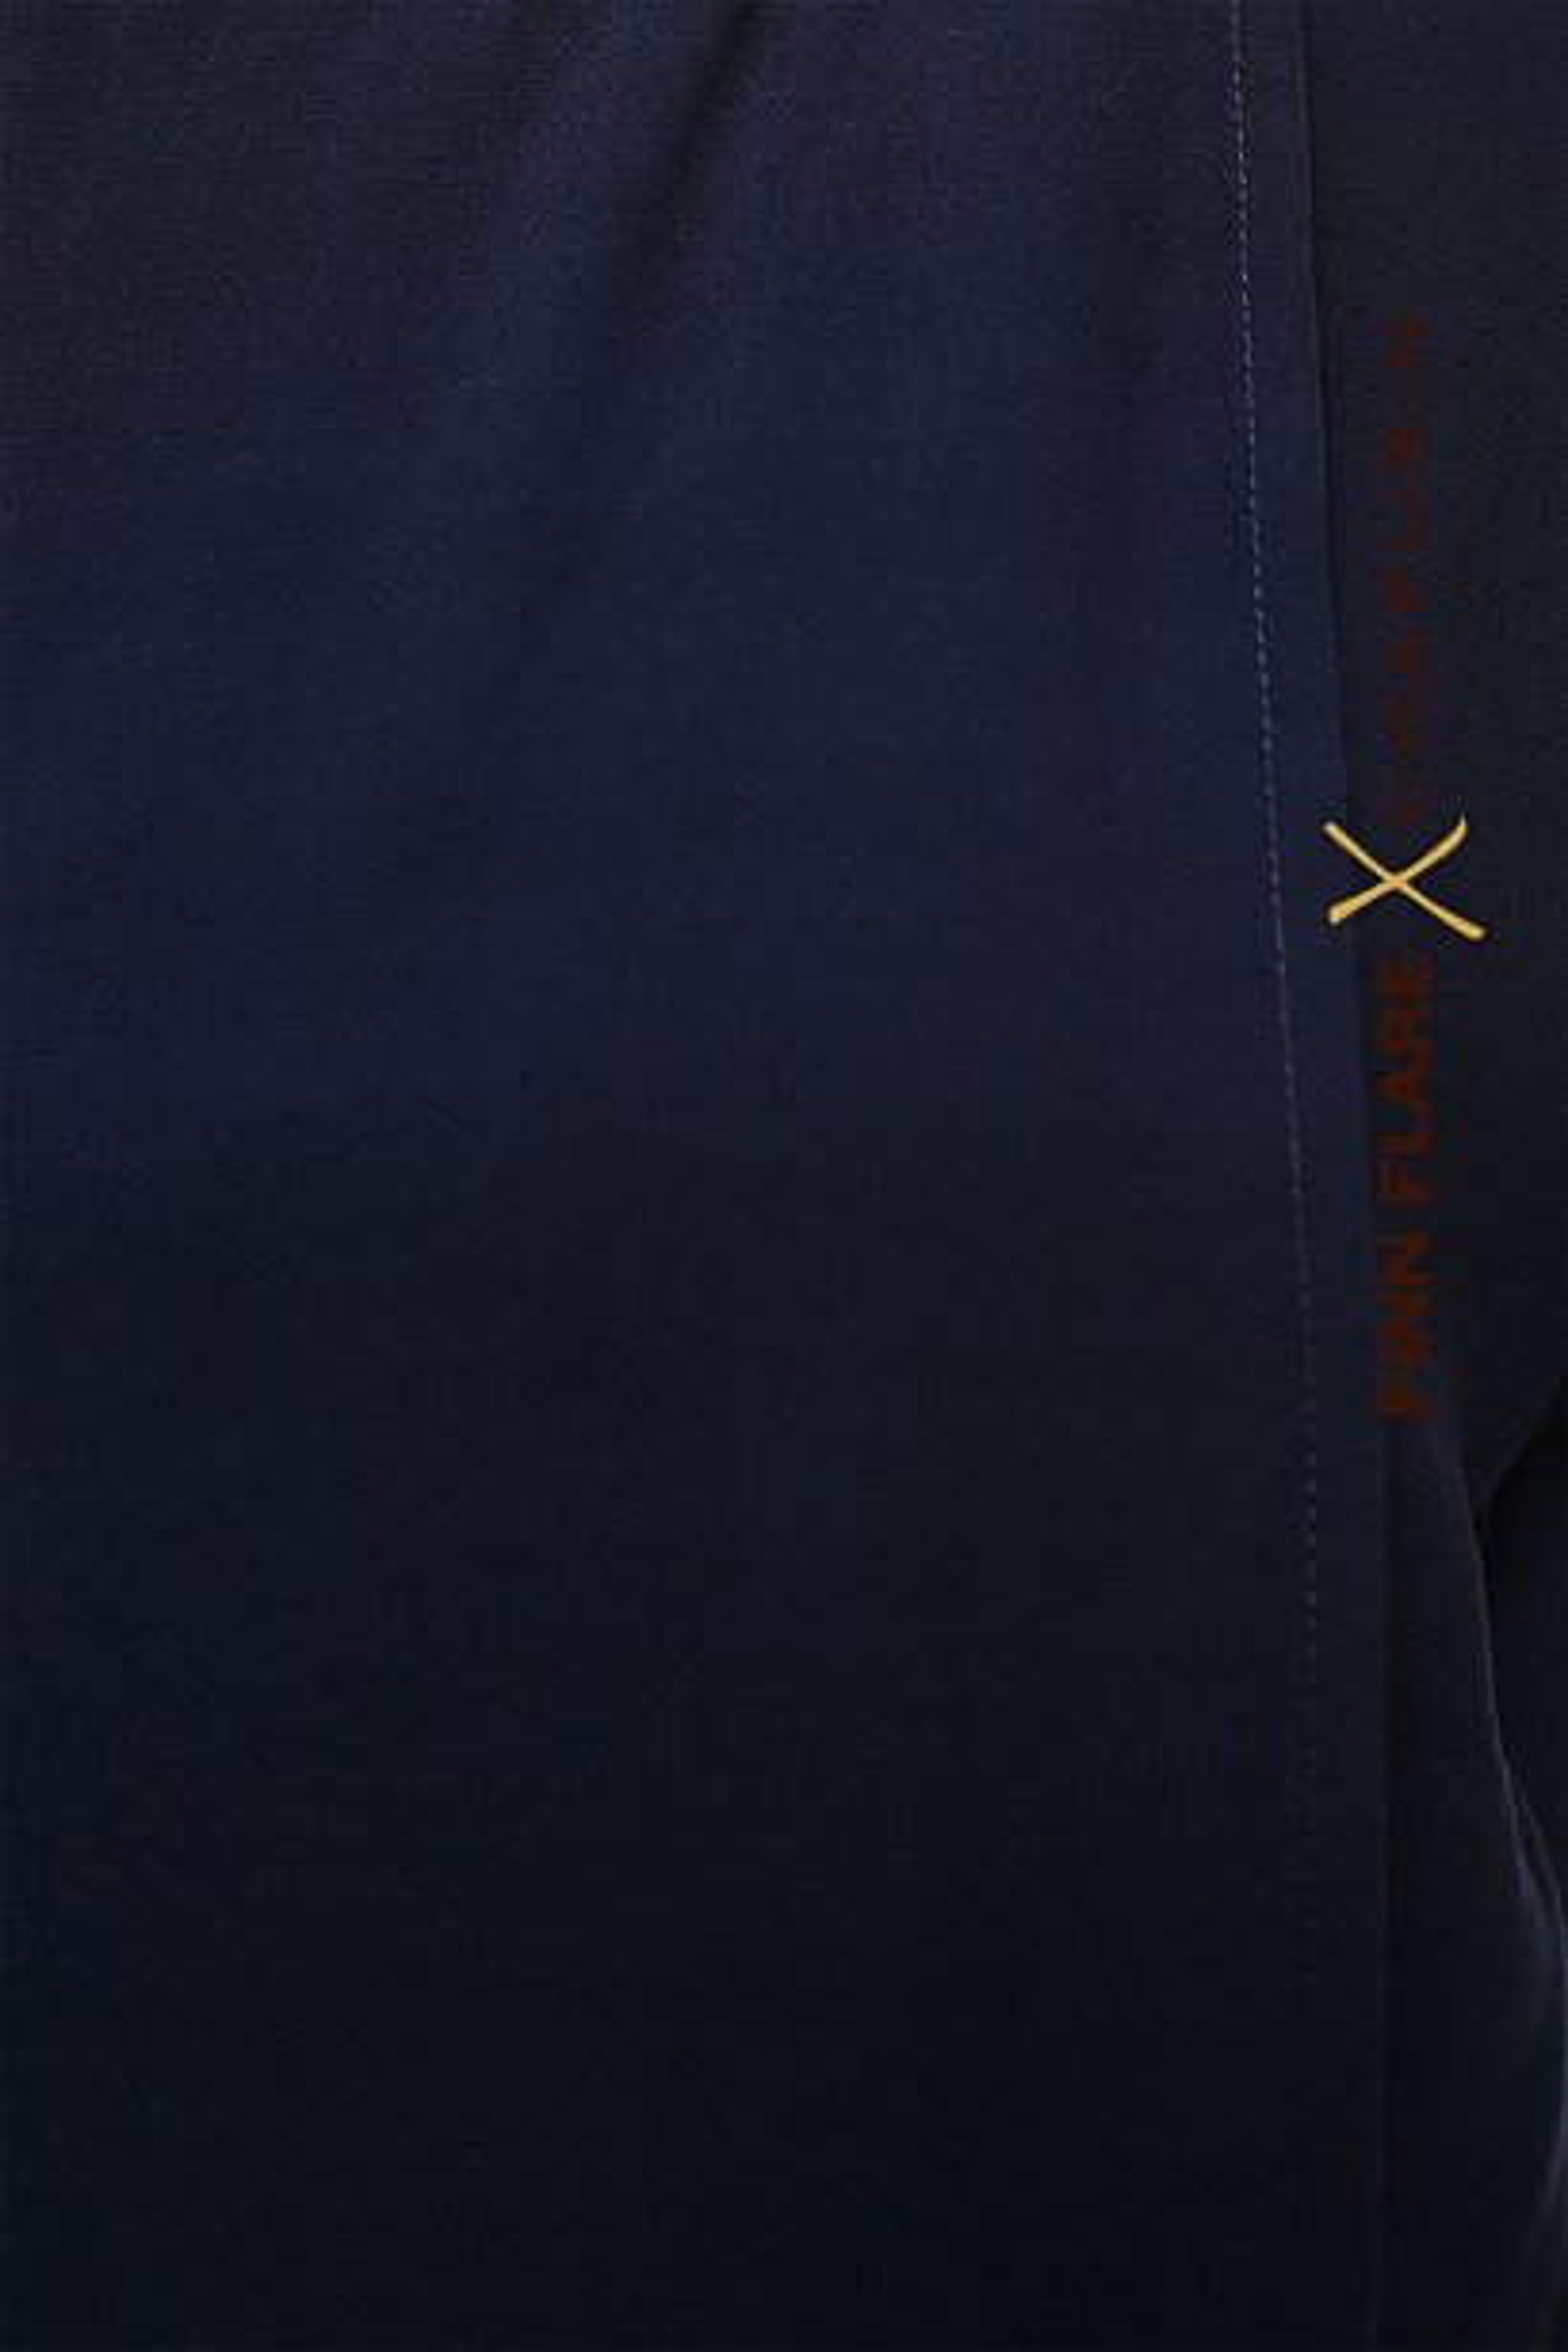 Блузка женская, Модель CS17-17036, Фото №6